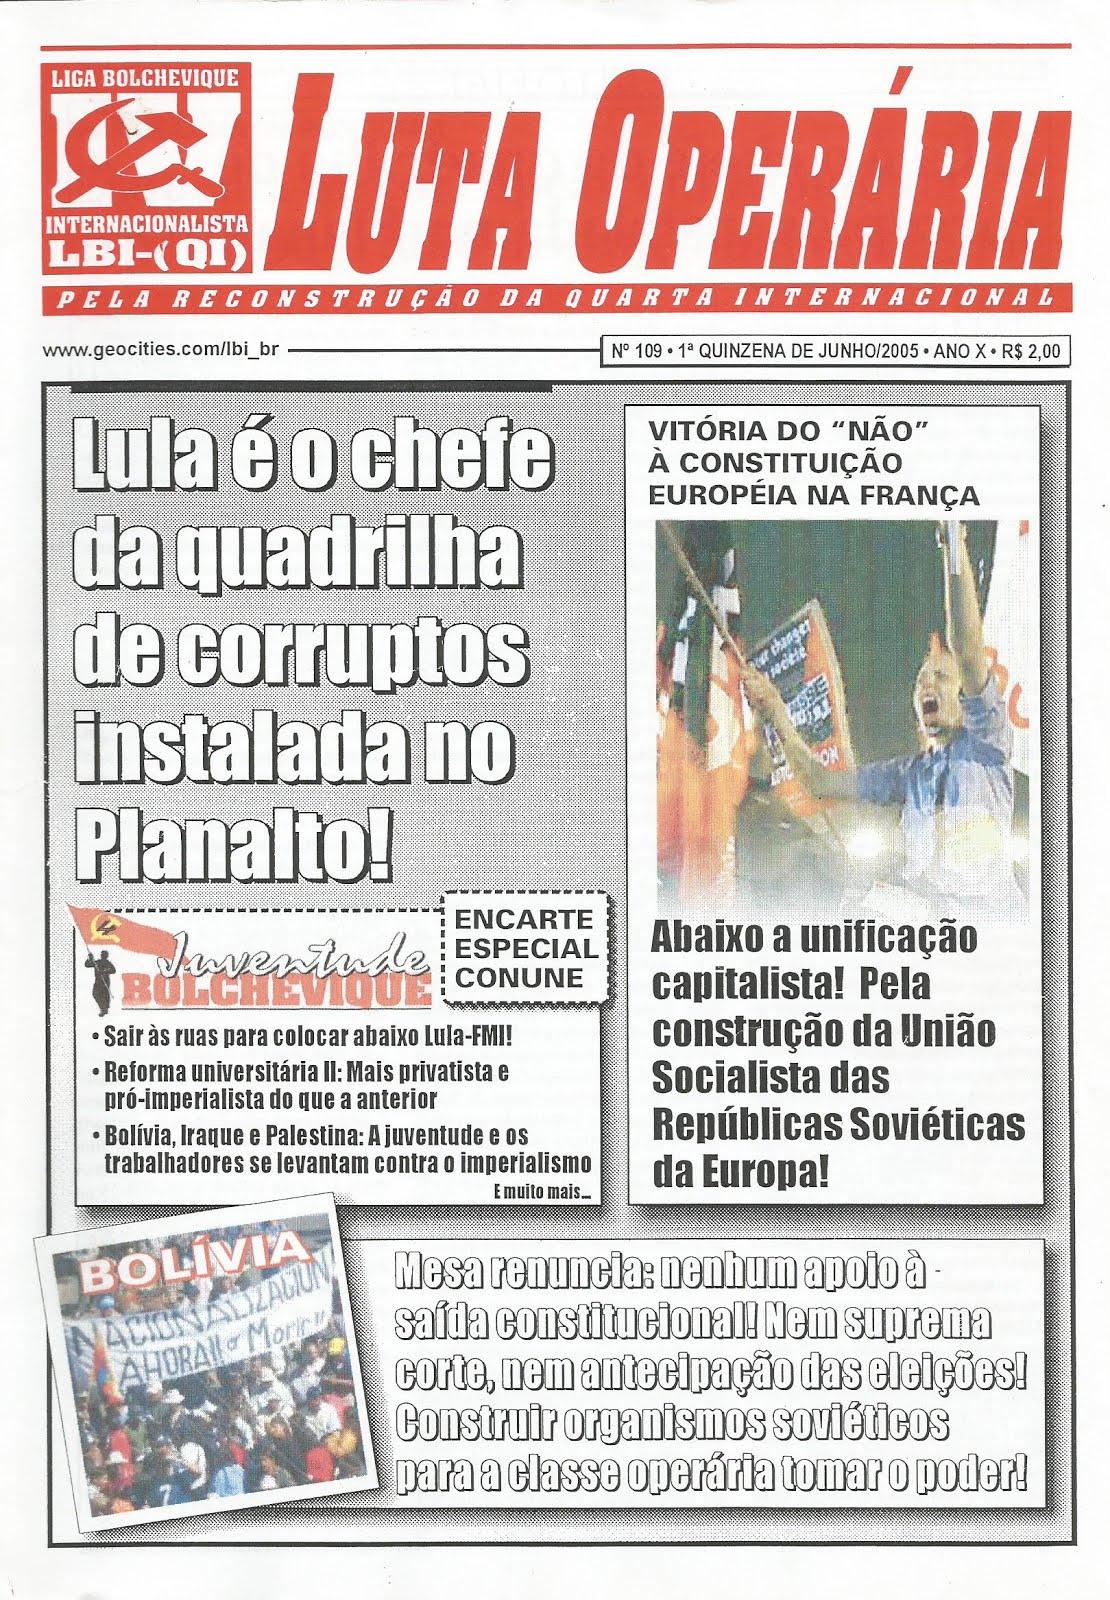 LEIA A EDIÇÃO DO JORNAL LUTA OPERÁRIA Nº109, 1ª QUINZ. DE JUNHO/2005